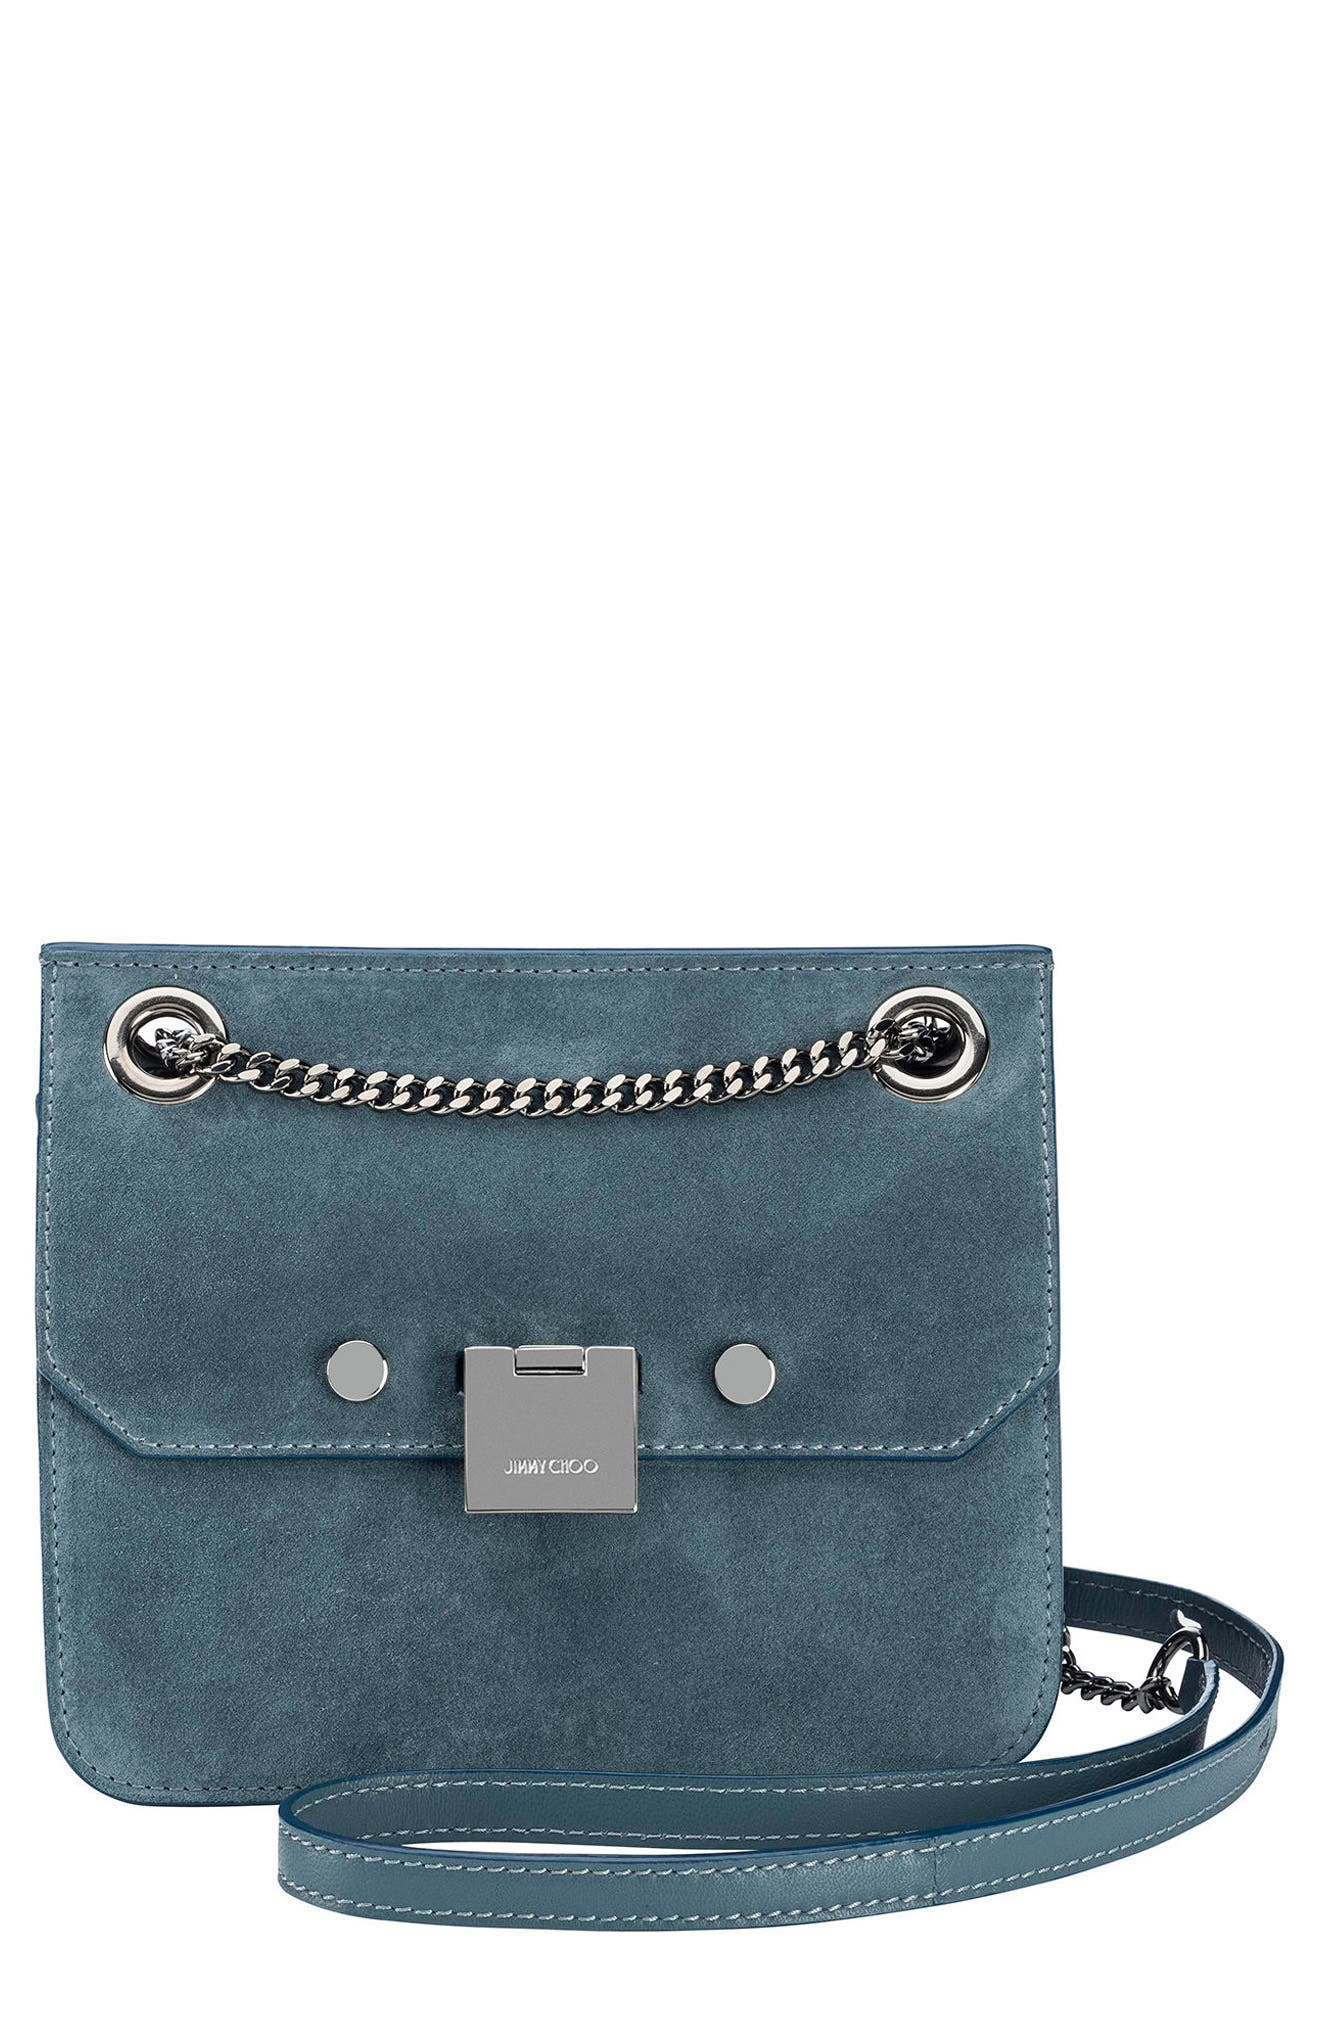 Rebel Suede Crossbody Bag,                         Main,                         color, Dusk Blue